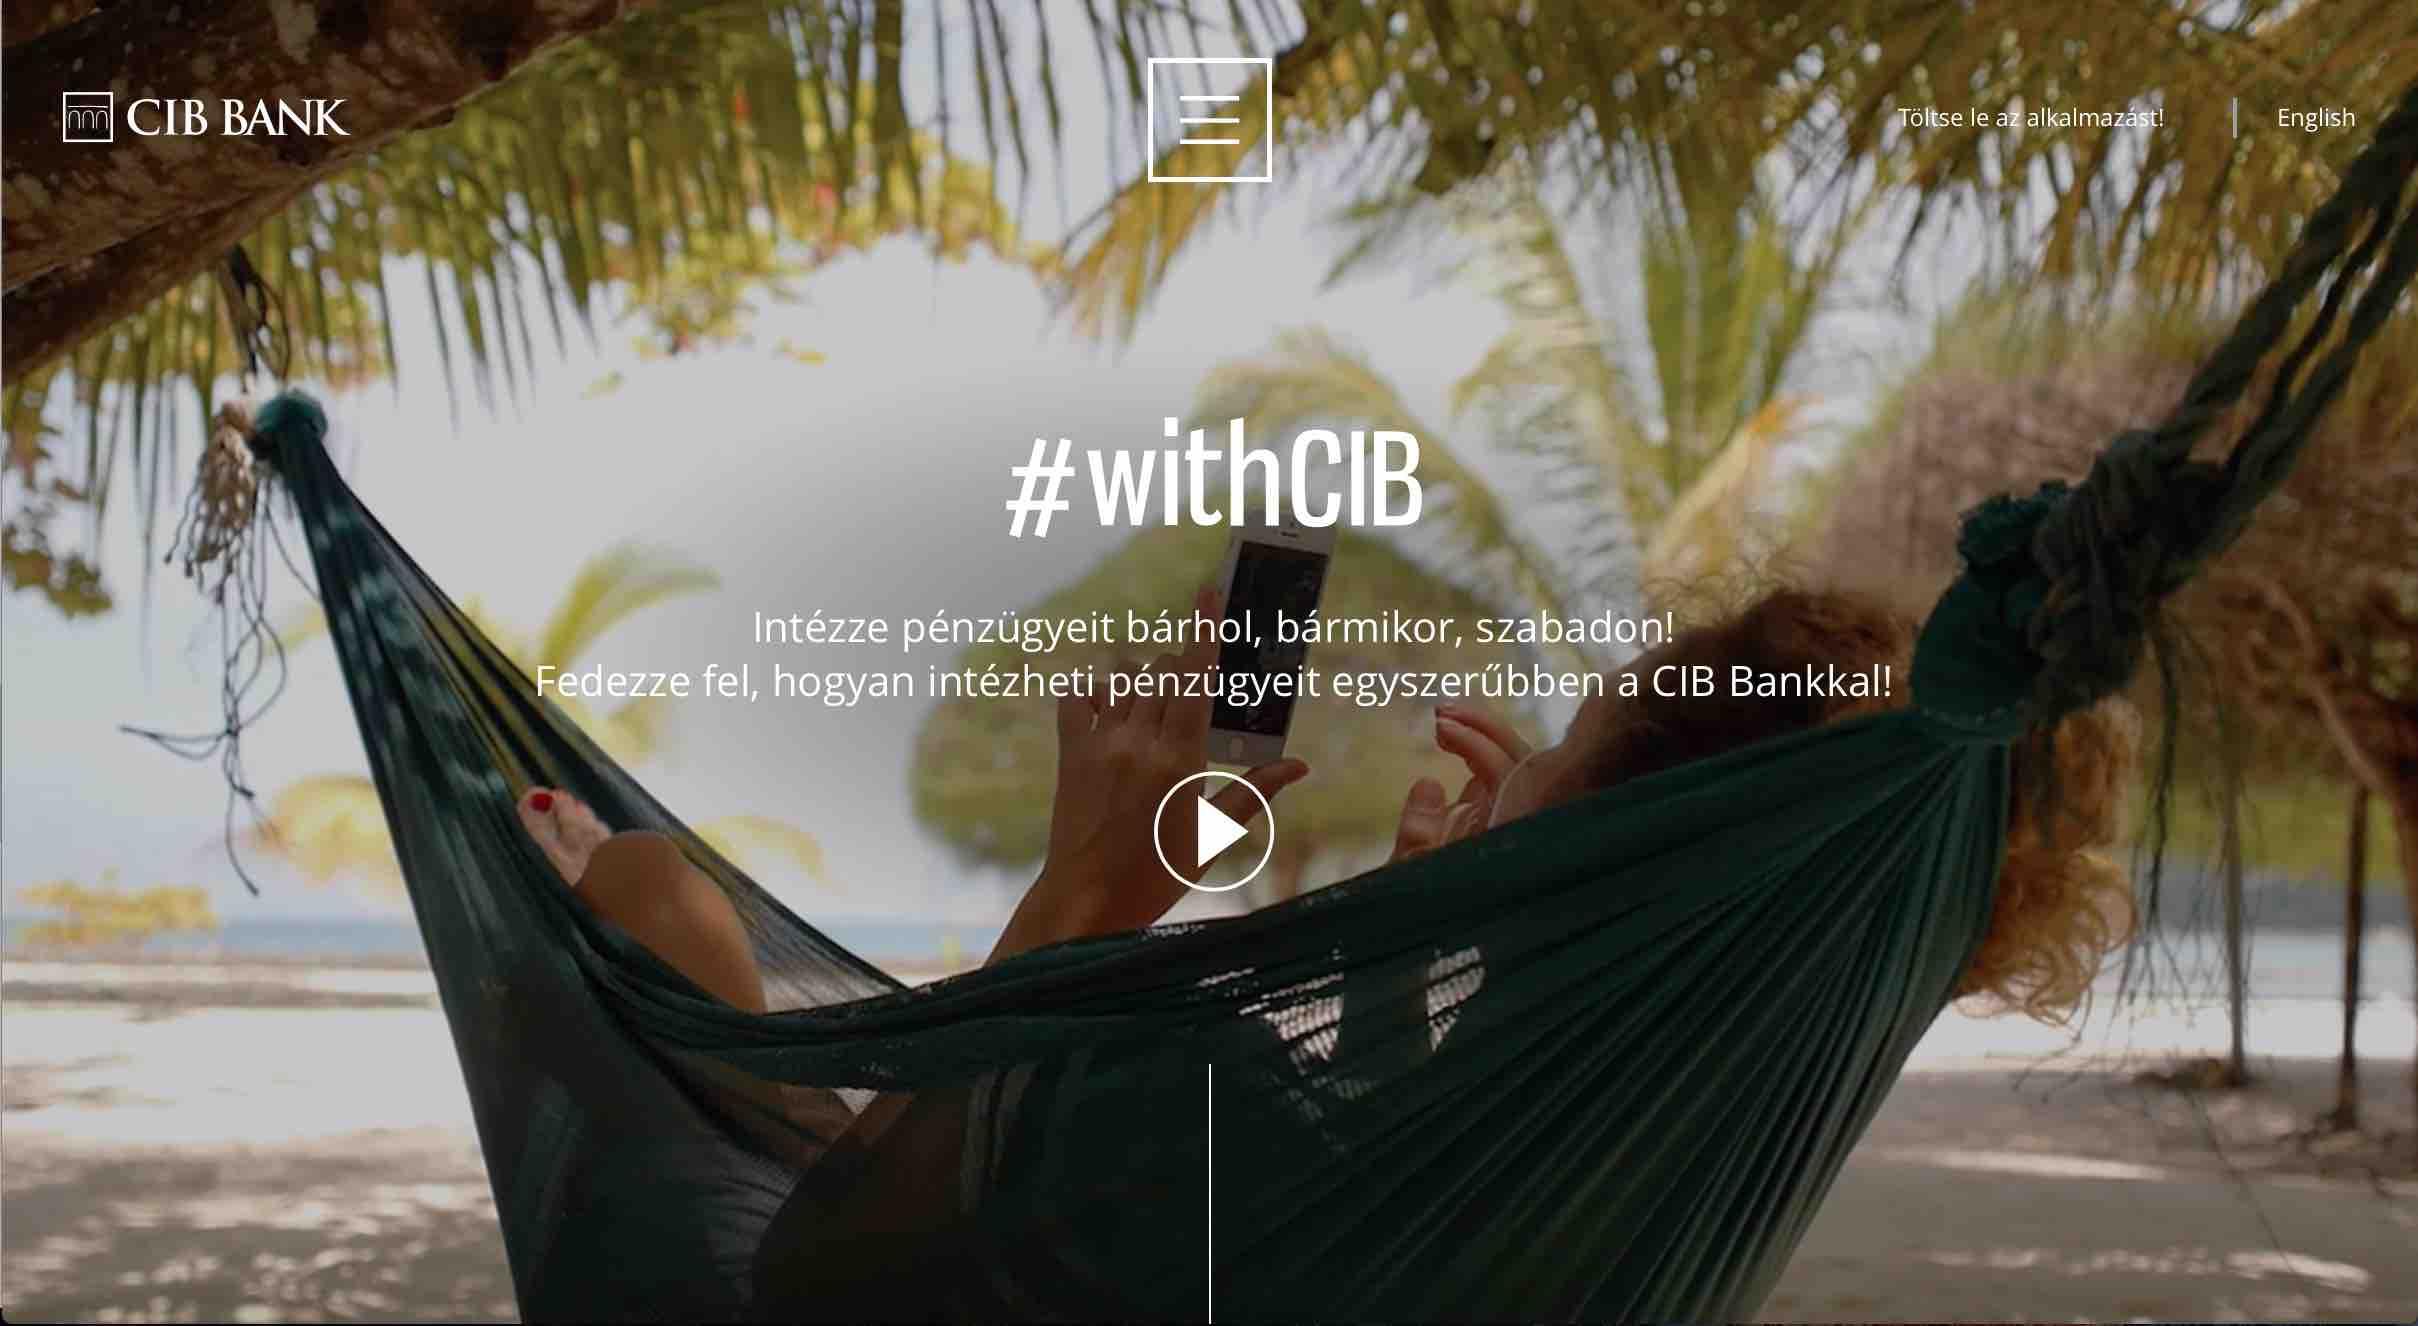 CIB mobilbank szemelyi kolcson megtakaritas dayposit